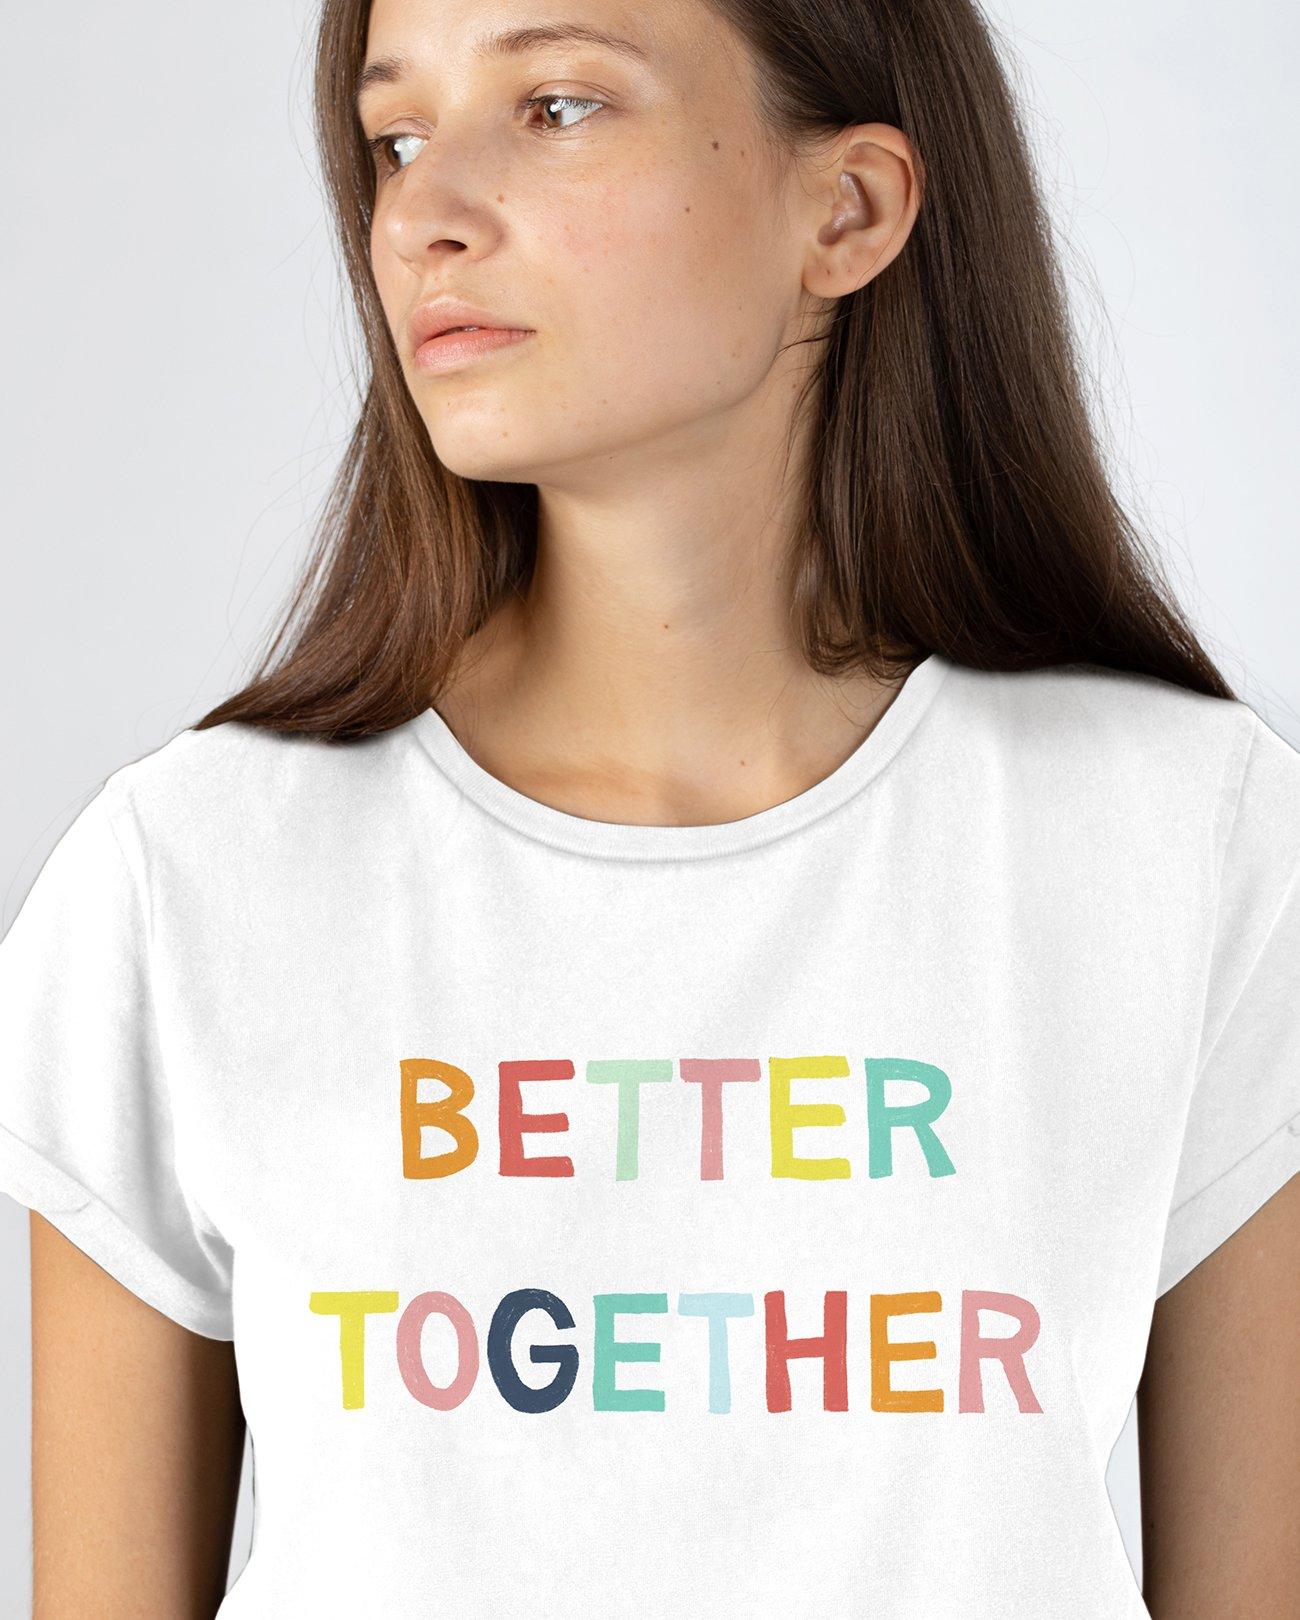 Camiseta solidaria covi19